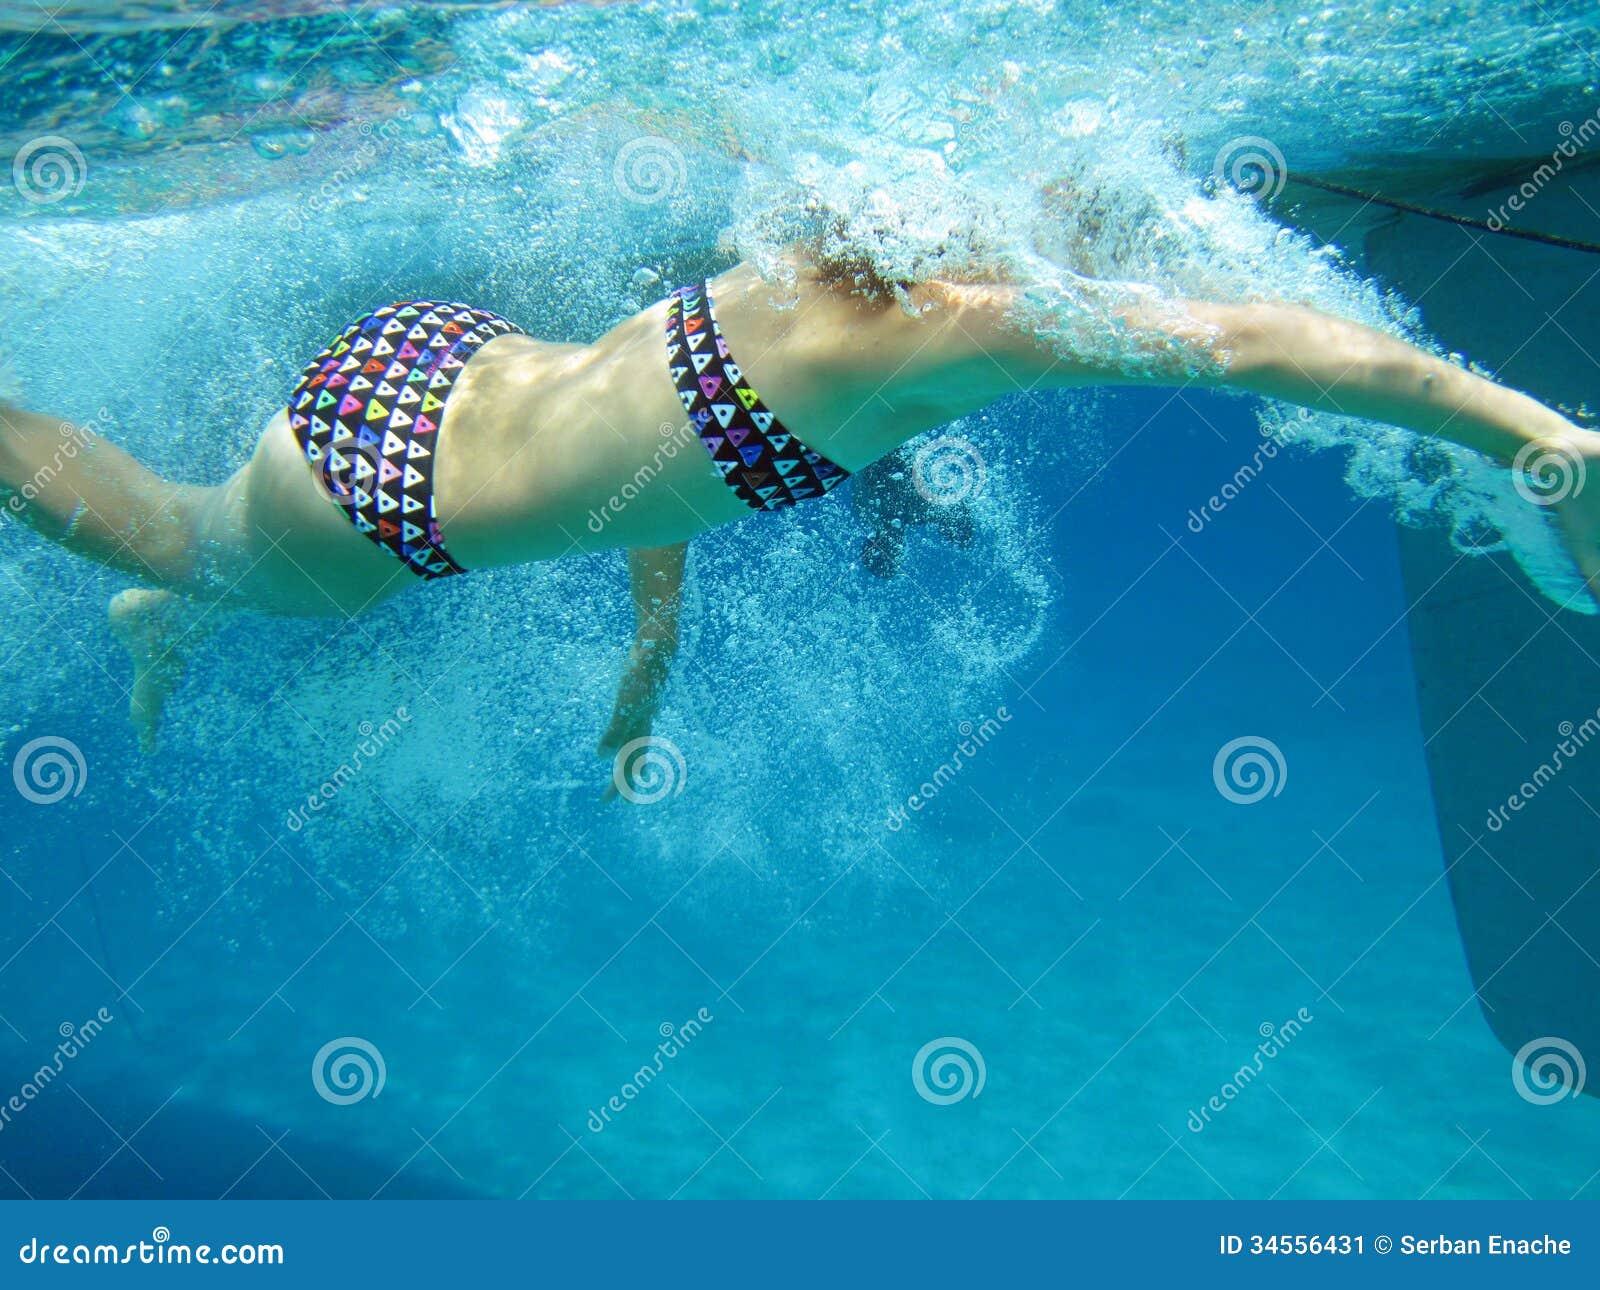 Underwater View Of Swimming Girl Stock Image Image 34556431